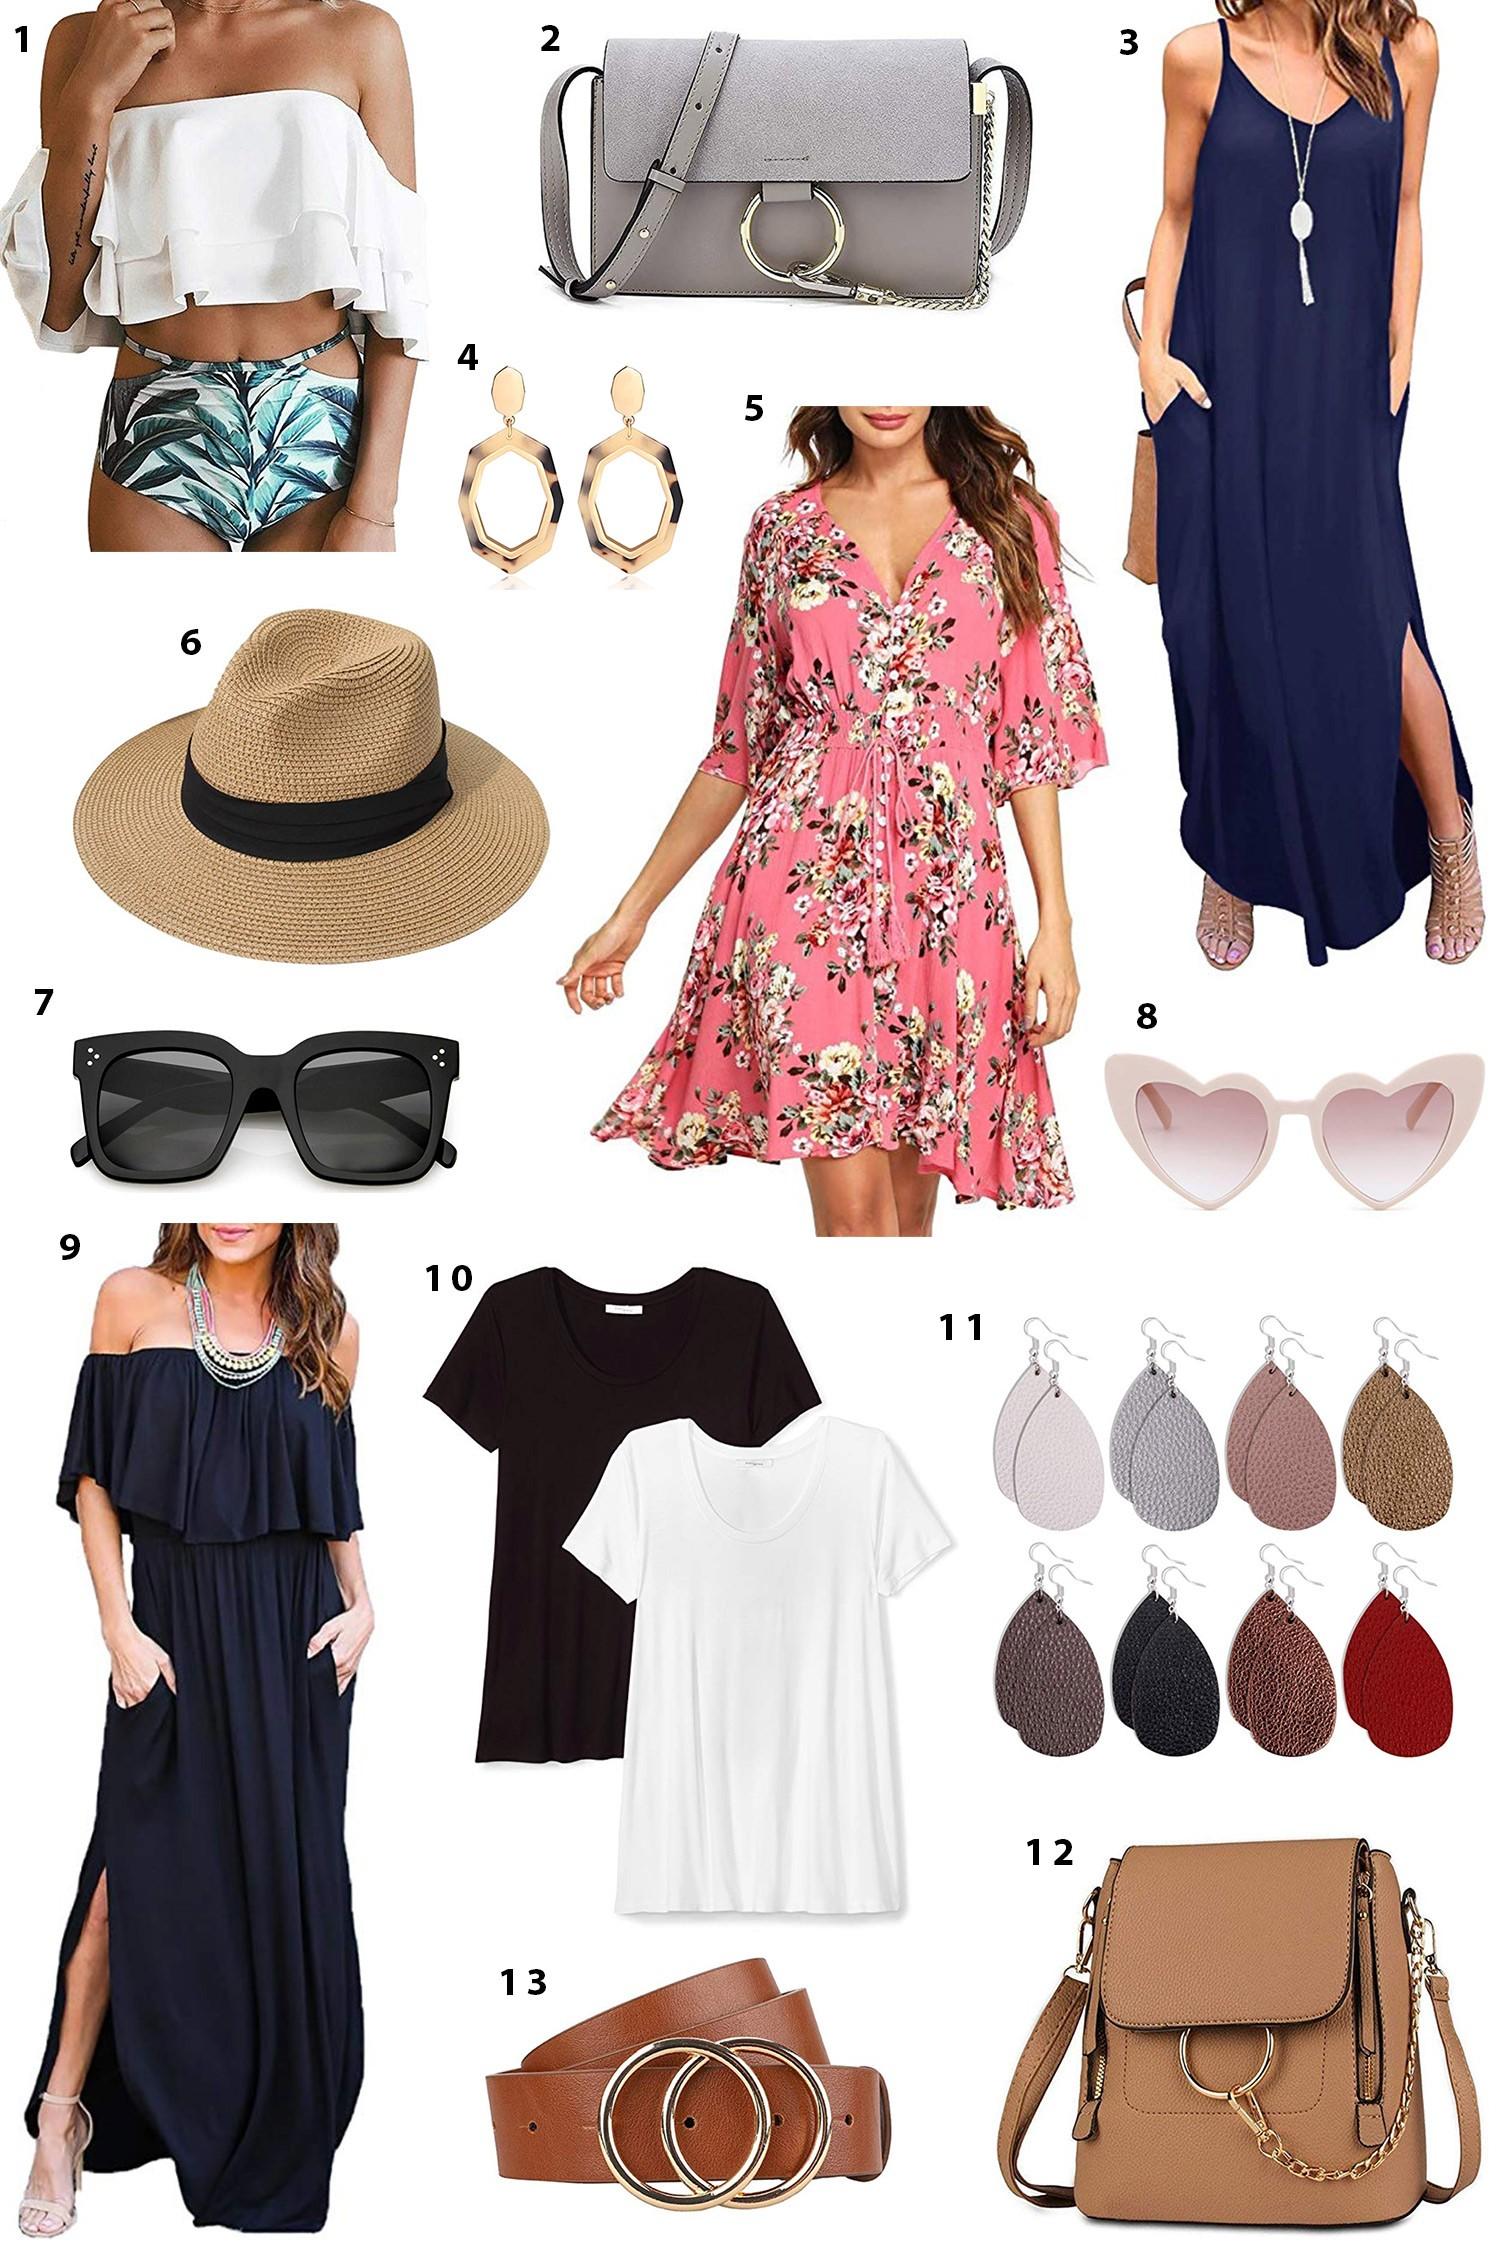 892c2c61b904e Best Summer Fashion on Amazon Prime Under $50 | Ashley Brooke Nicholas